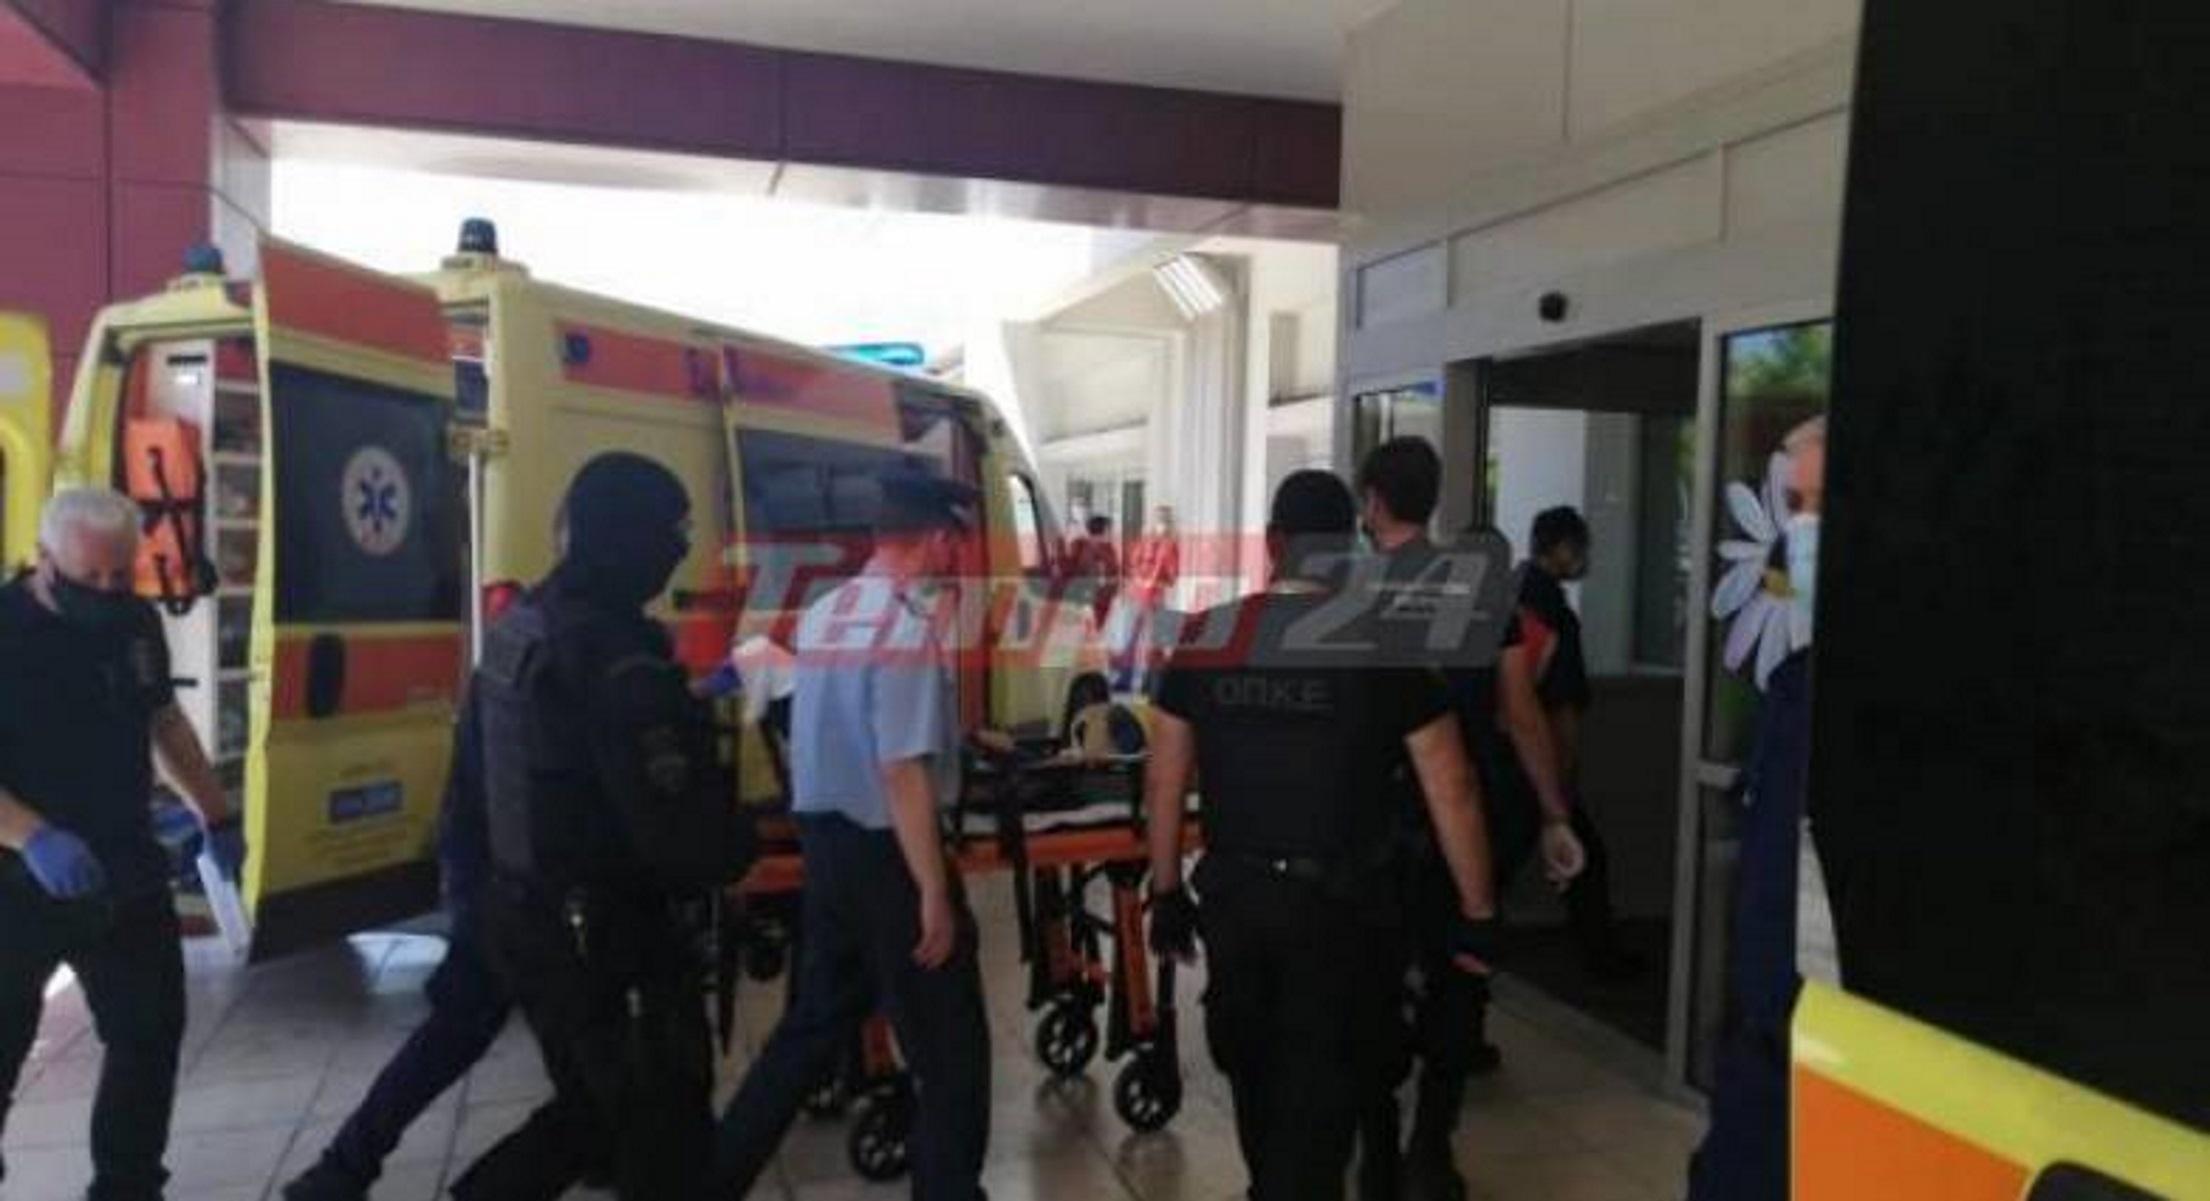 Πάτρα: Για 8η φορά στο νοσοκομείο ο βαρυποινίτης Νίκος Παλαιοκώστας (video)